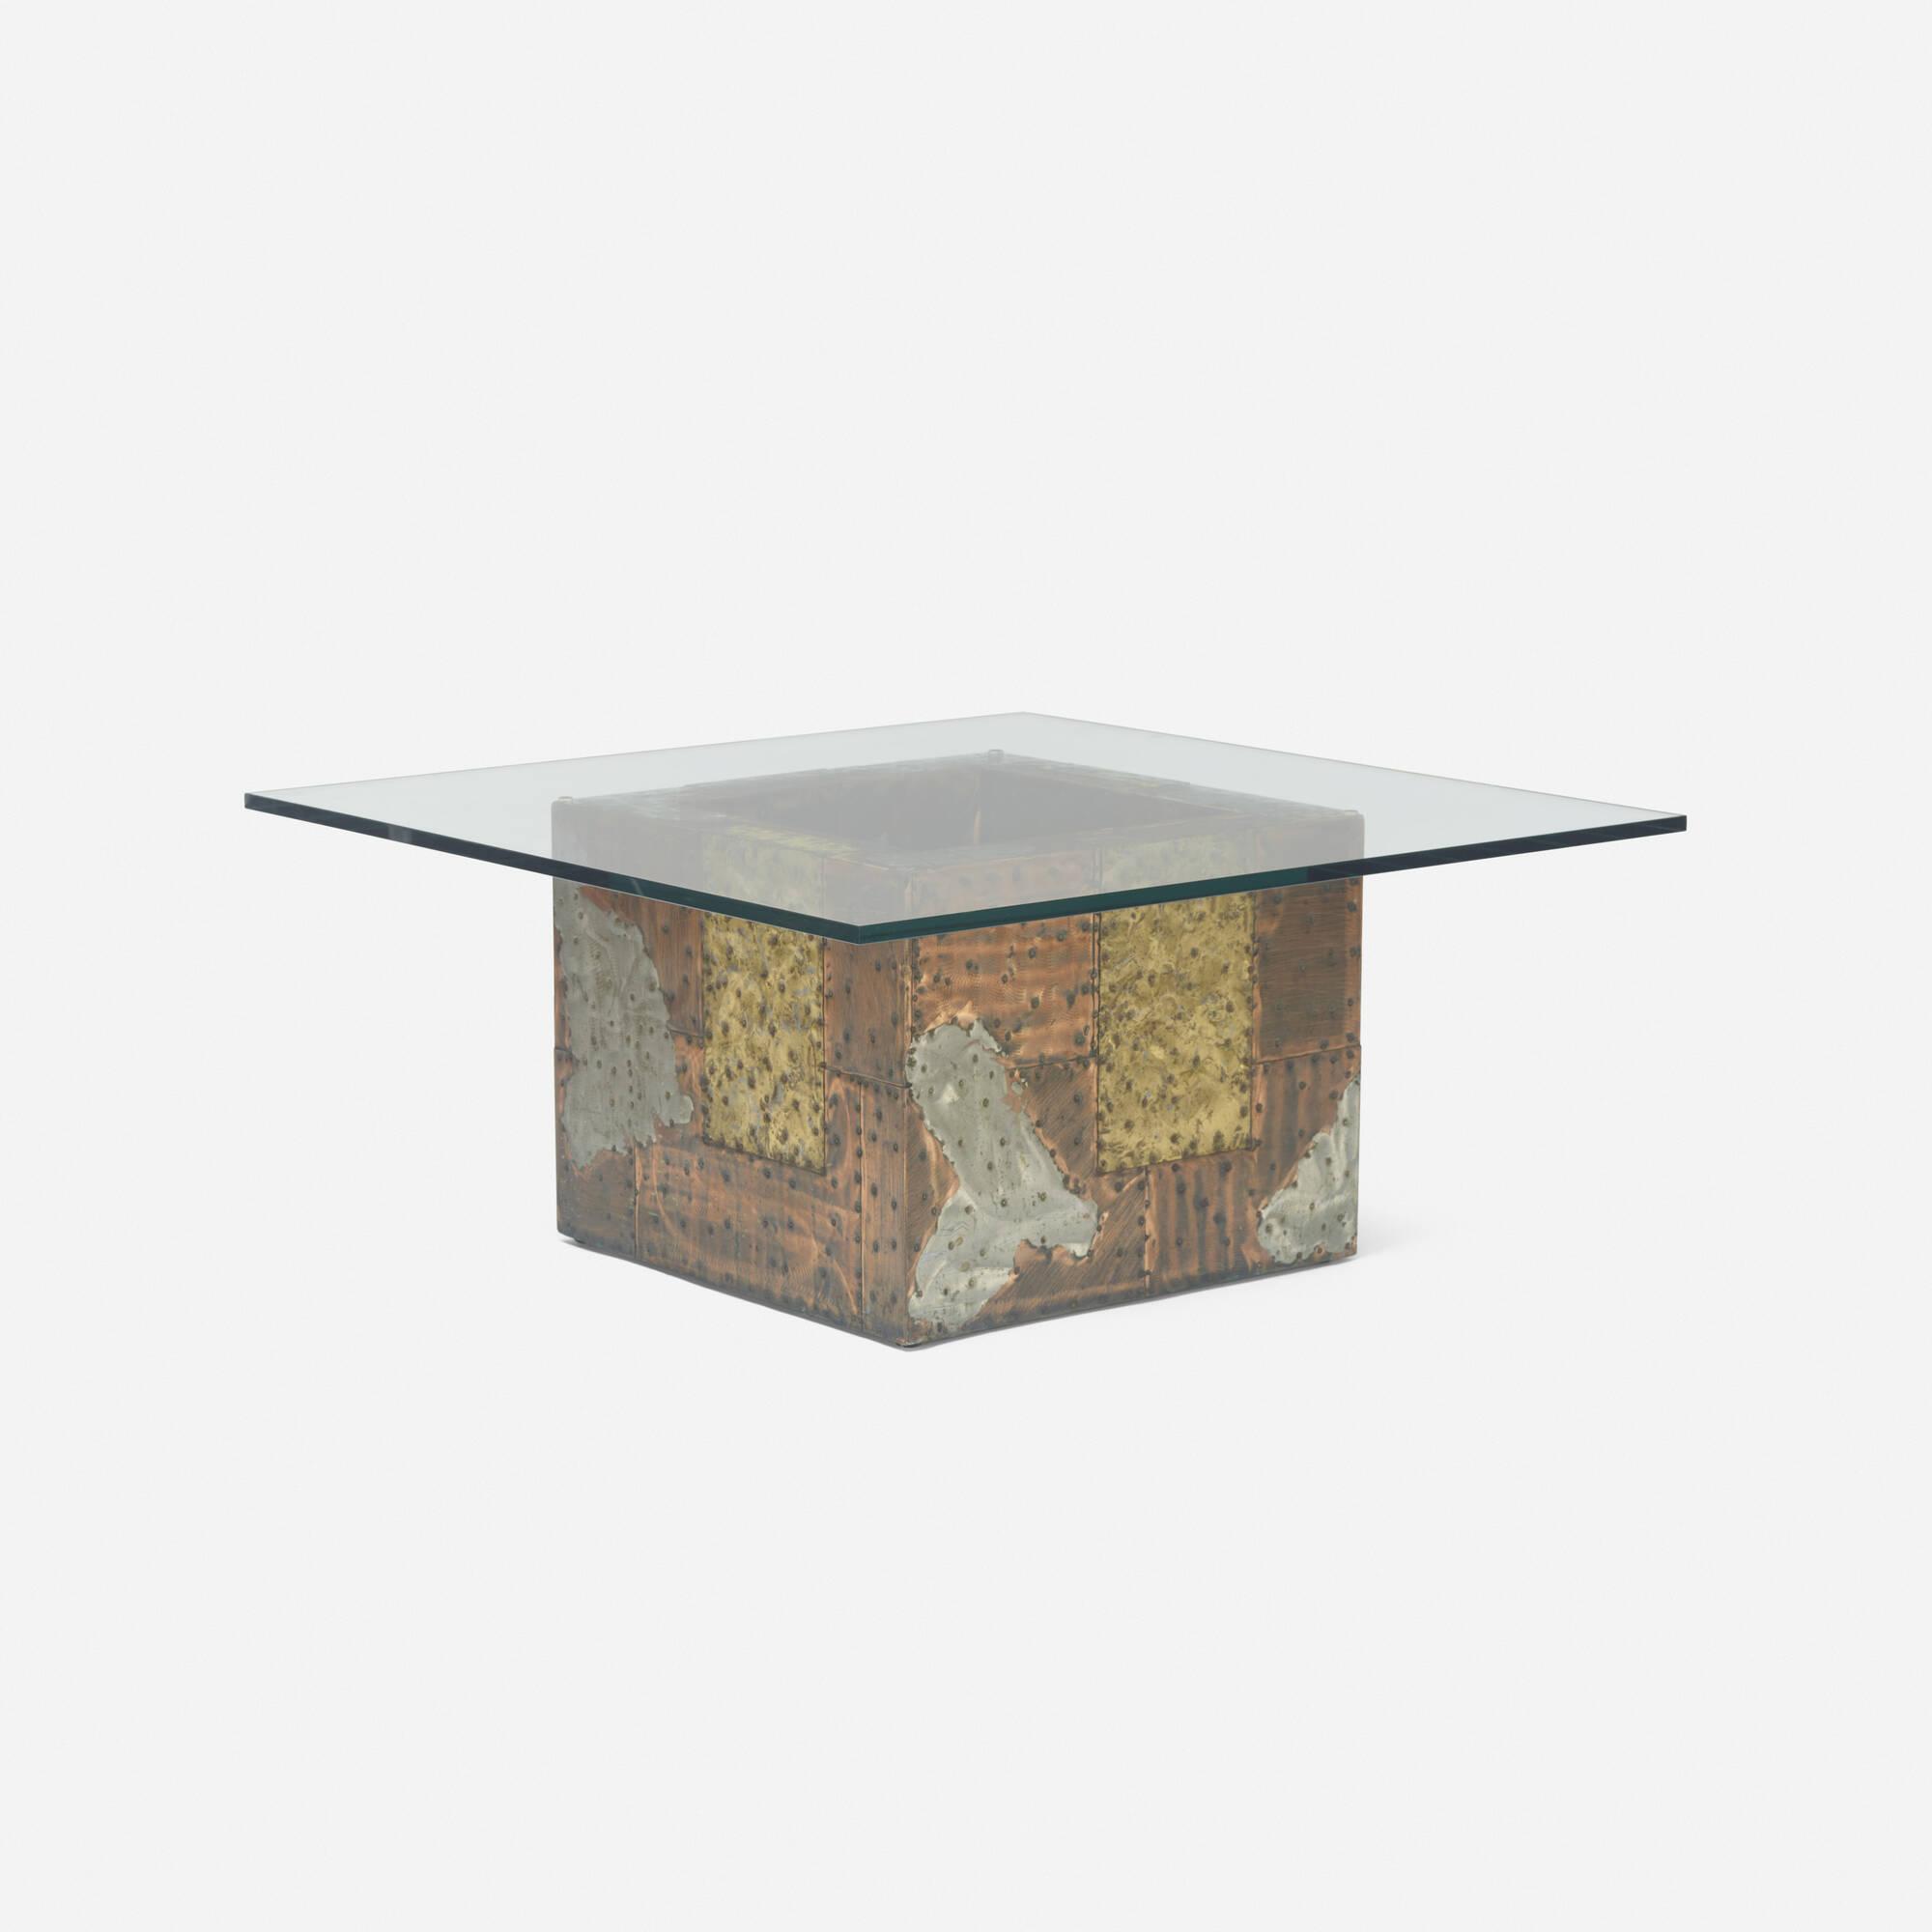 166: Paul Evans / PE 30 coffee table (1 of 2)